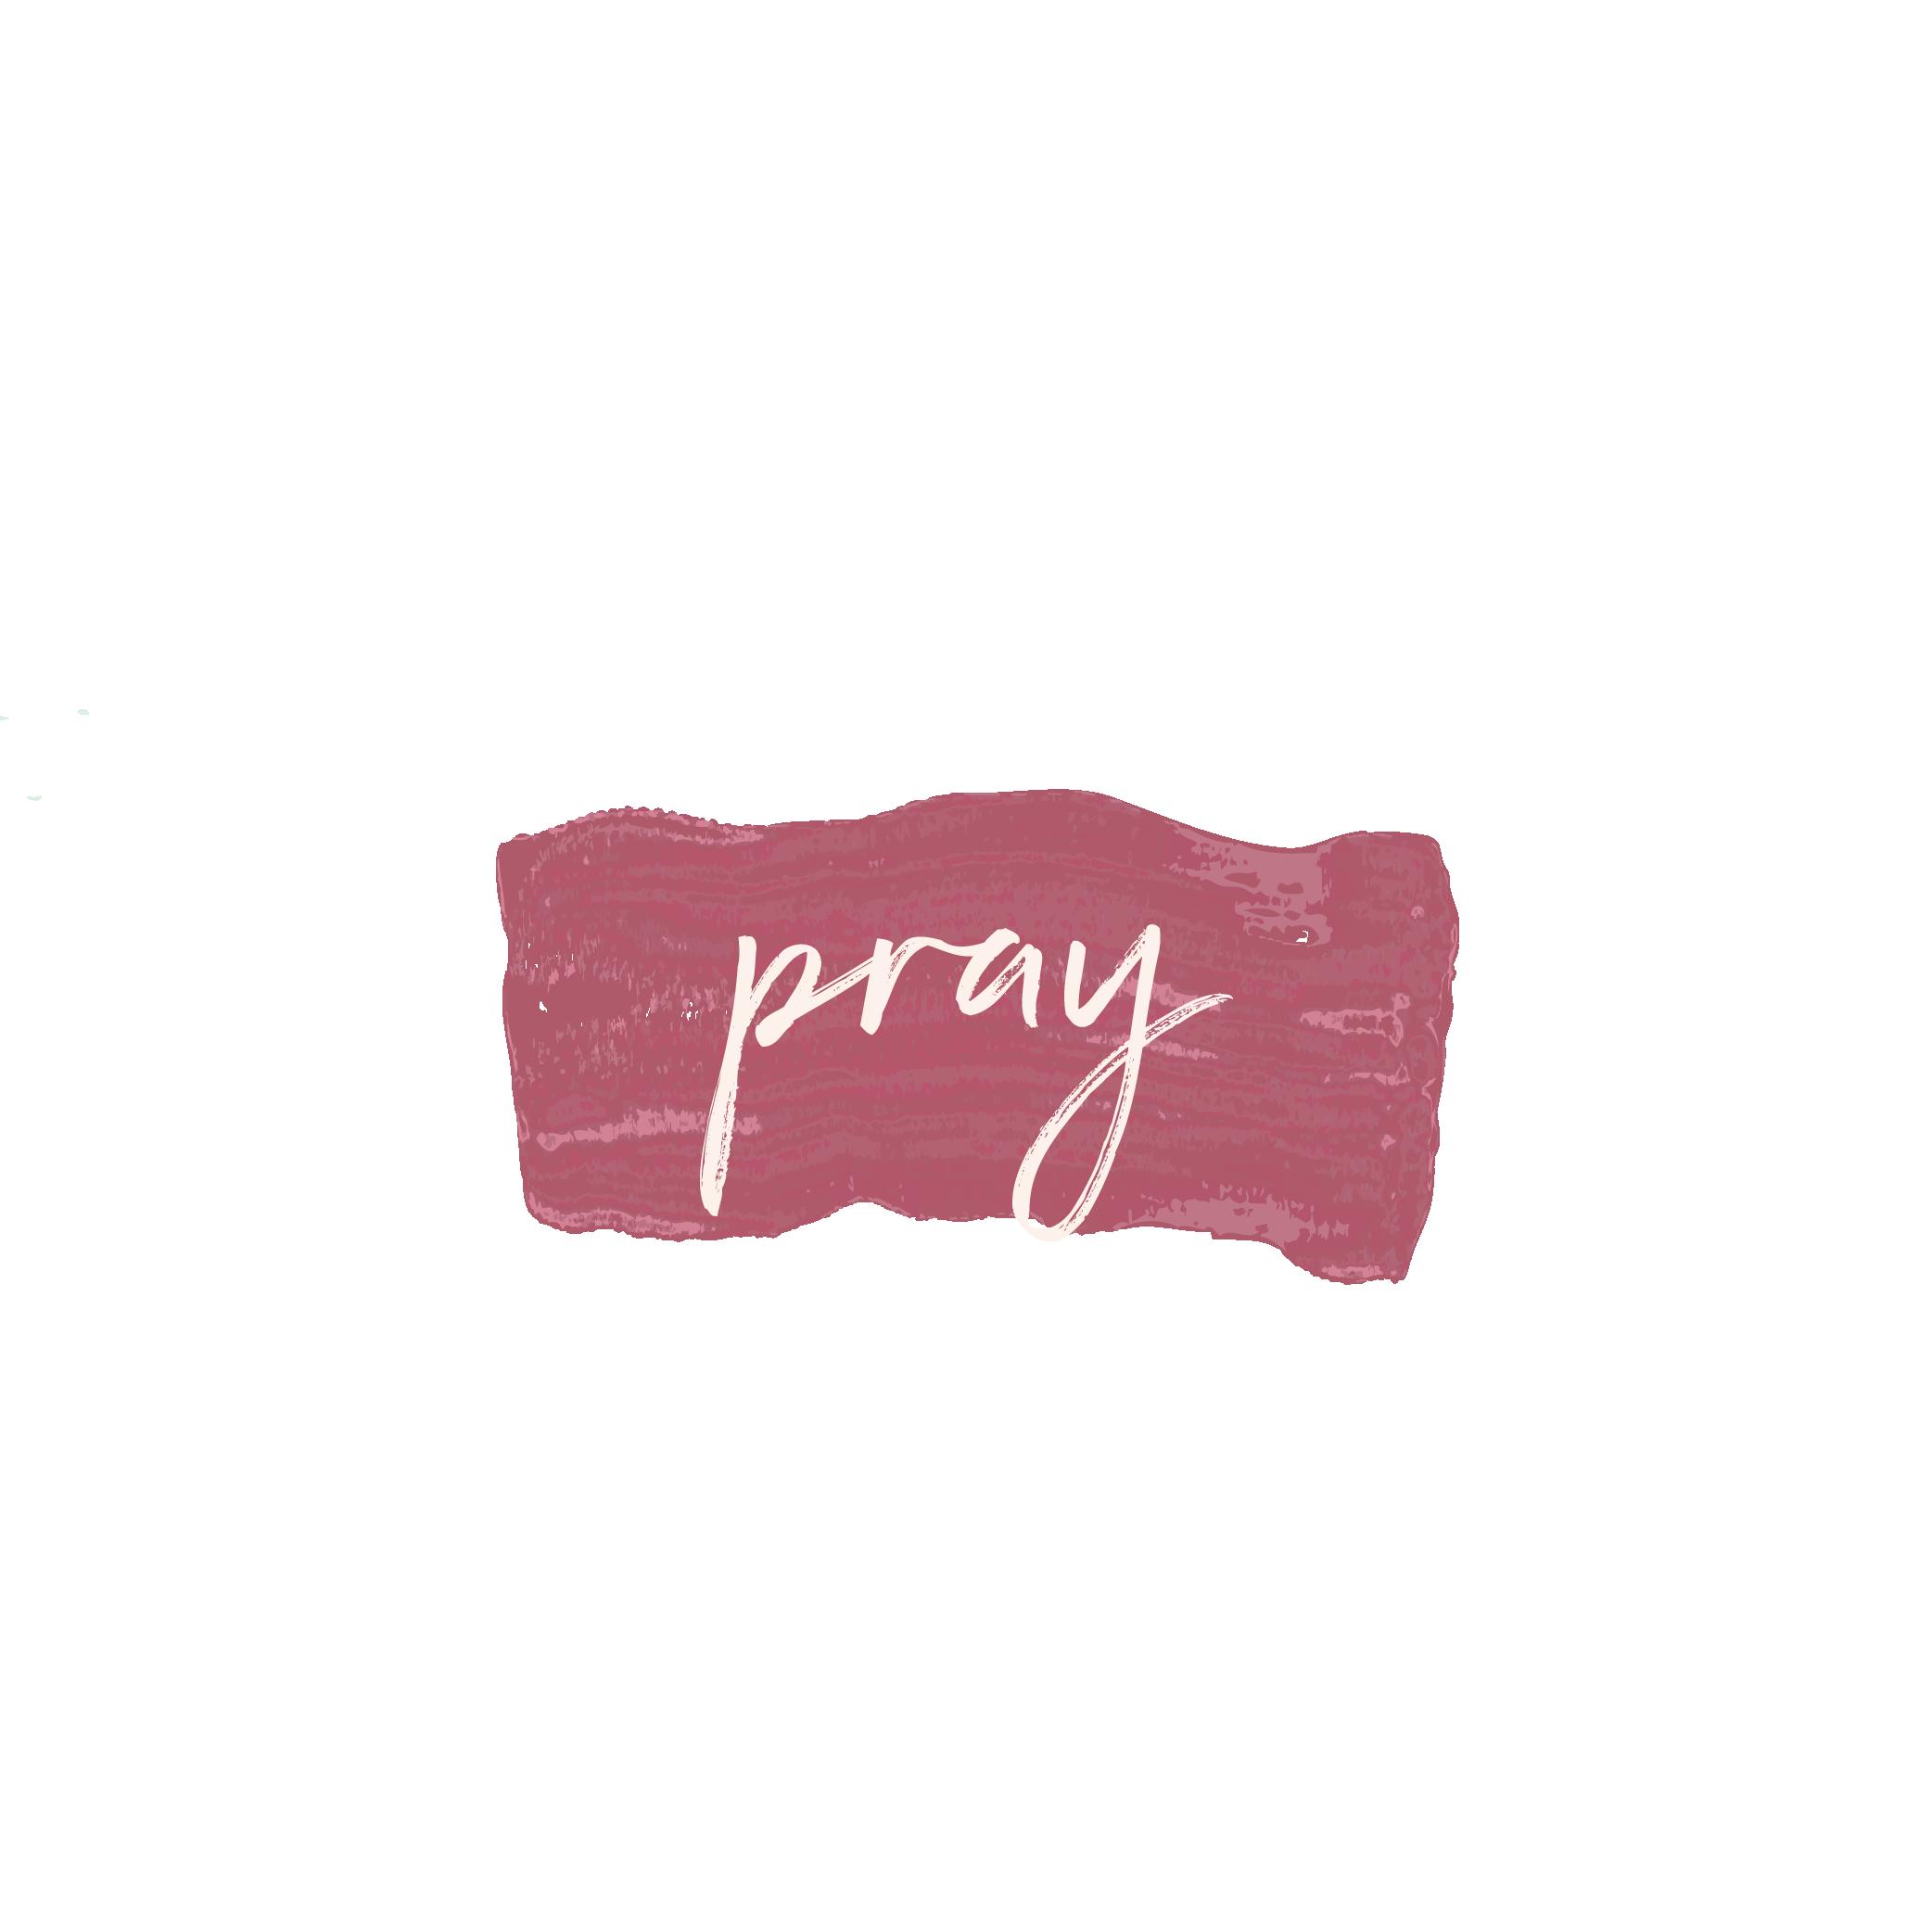 Copy of Copy of pray